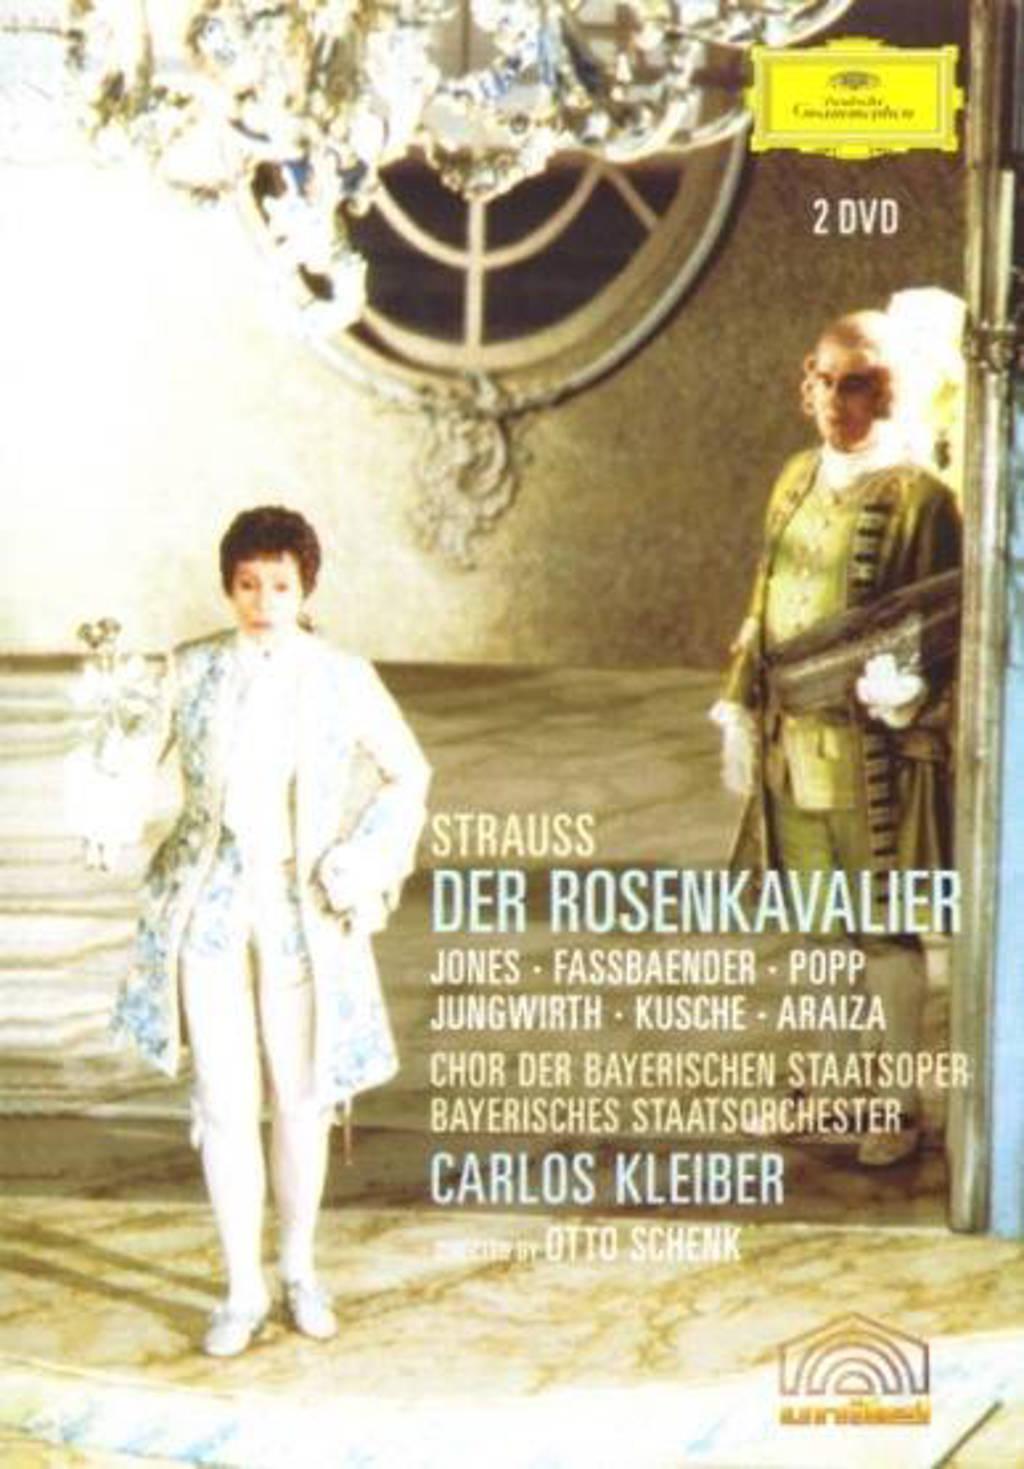 Strauss - Der rosenkavalier (DVD)